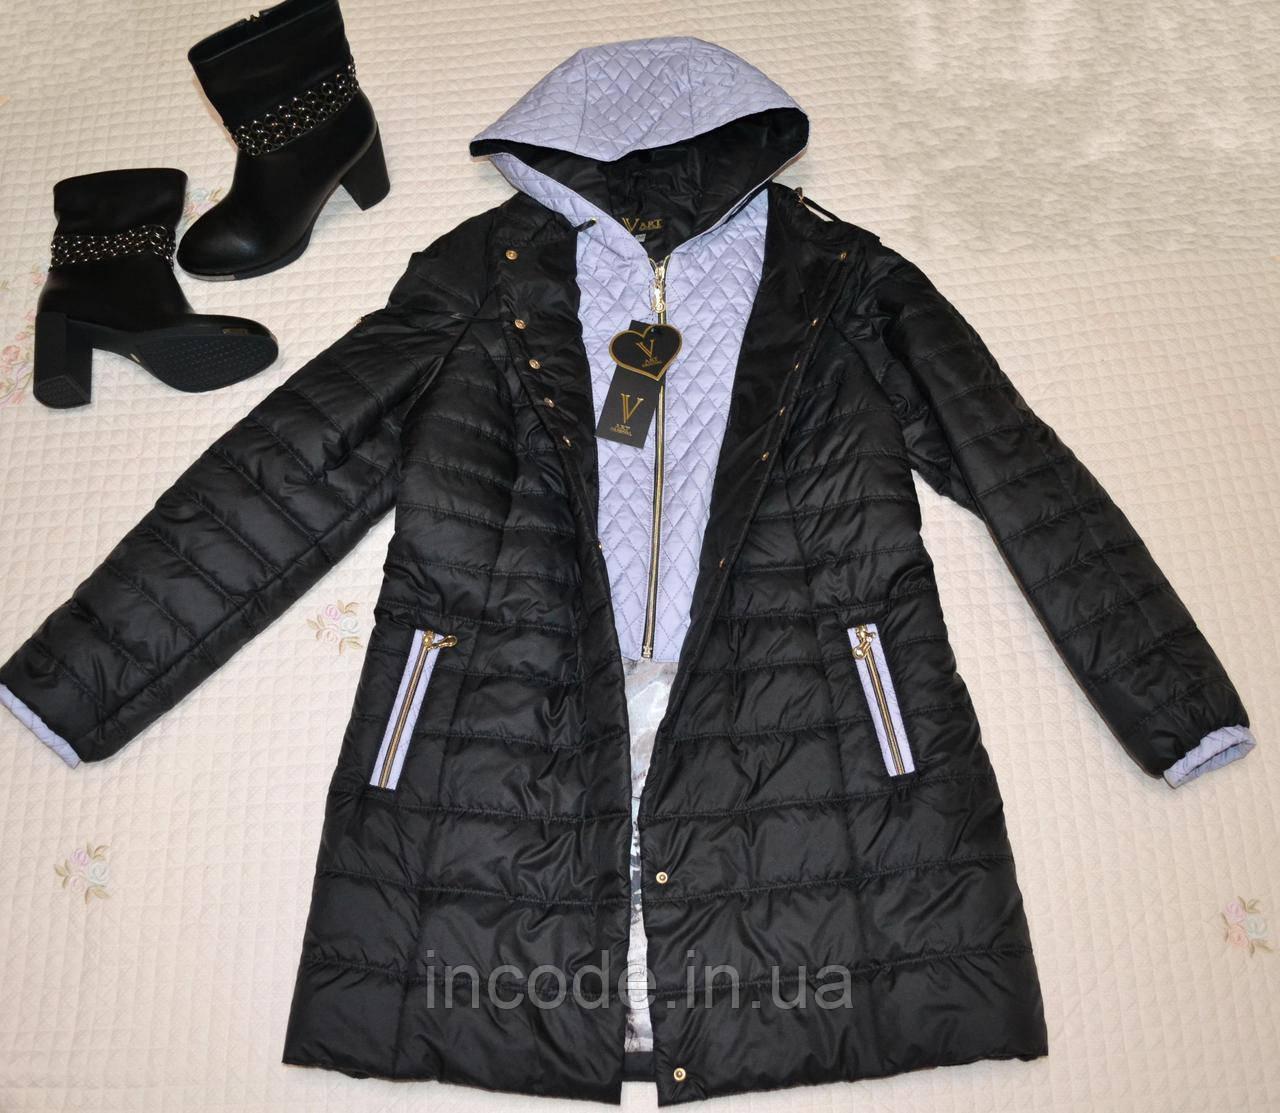 Весенняя курточка 50 размер